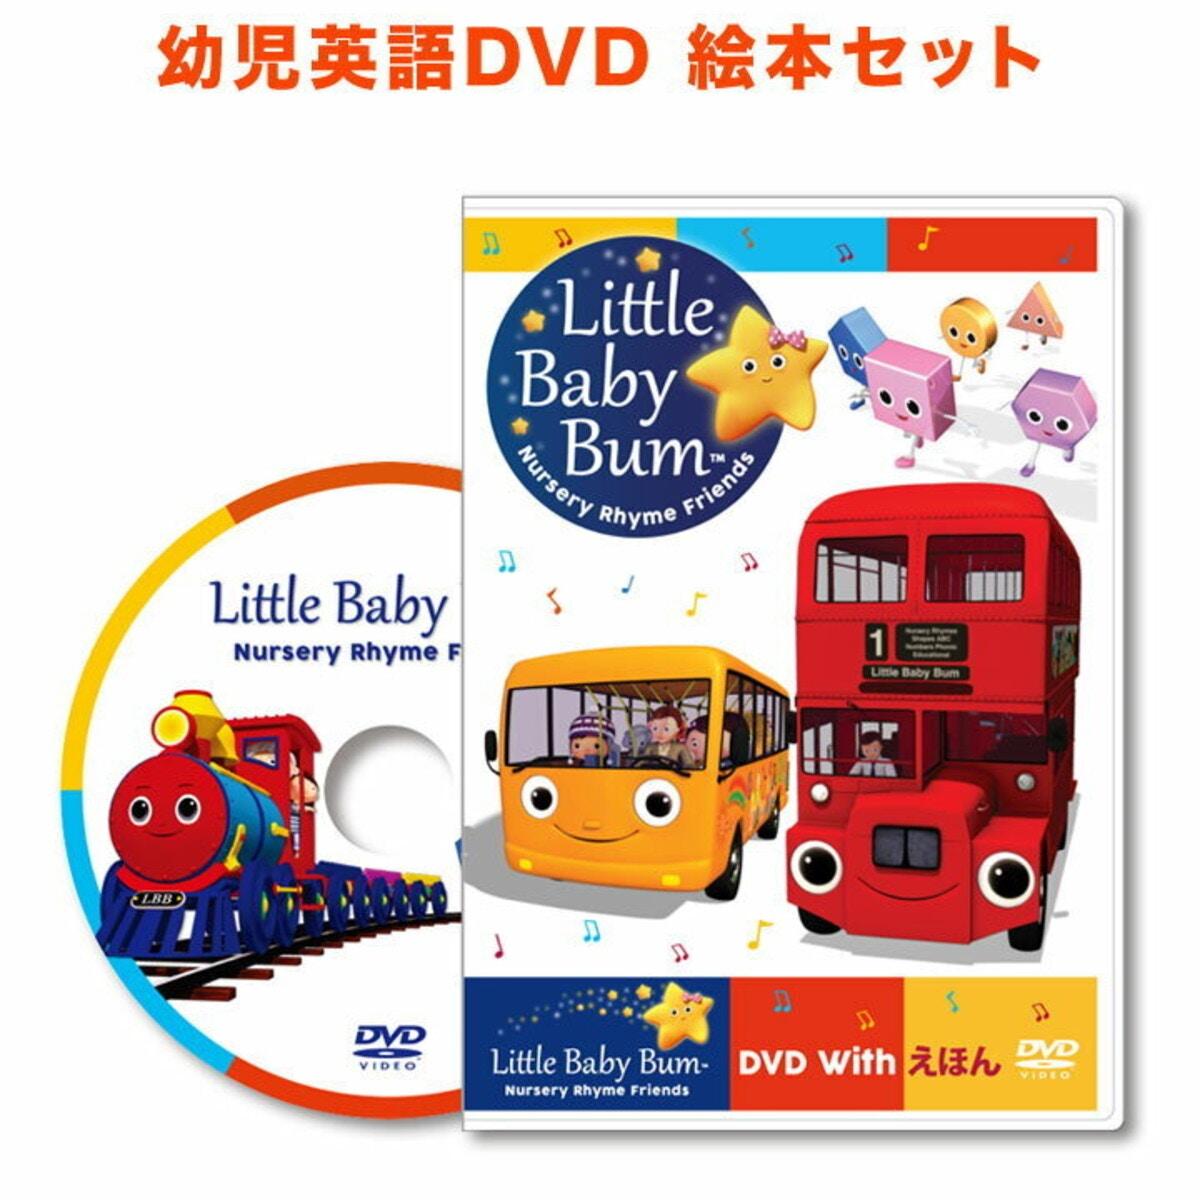 幼児英語 DVD Little Baby Bum DVD with えほん リトルベイビーバム